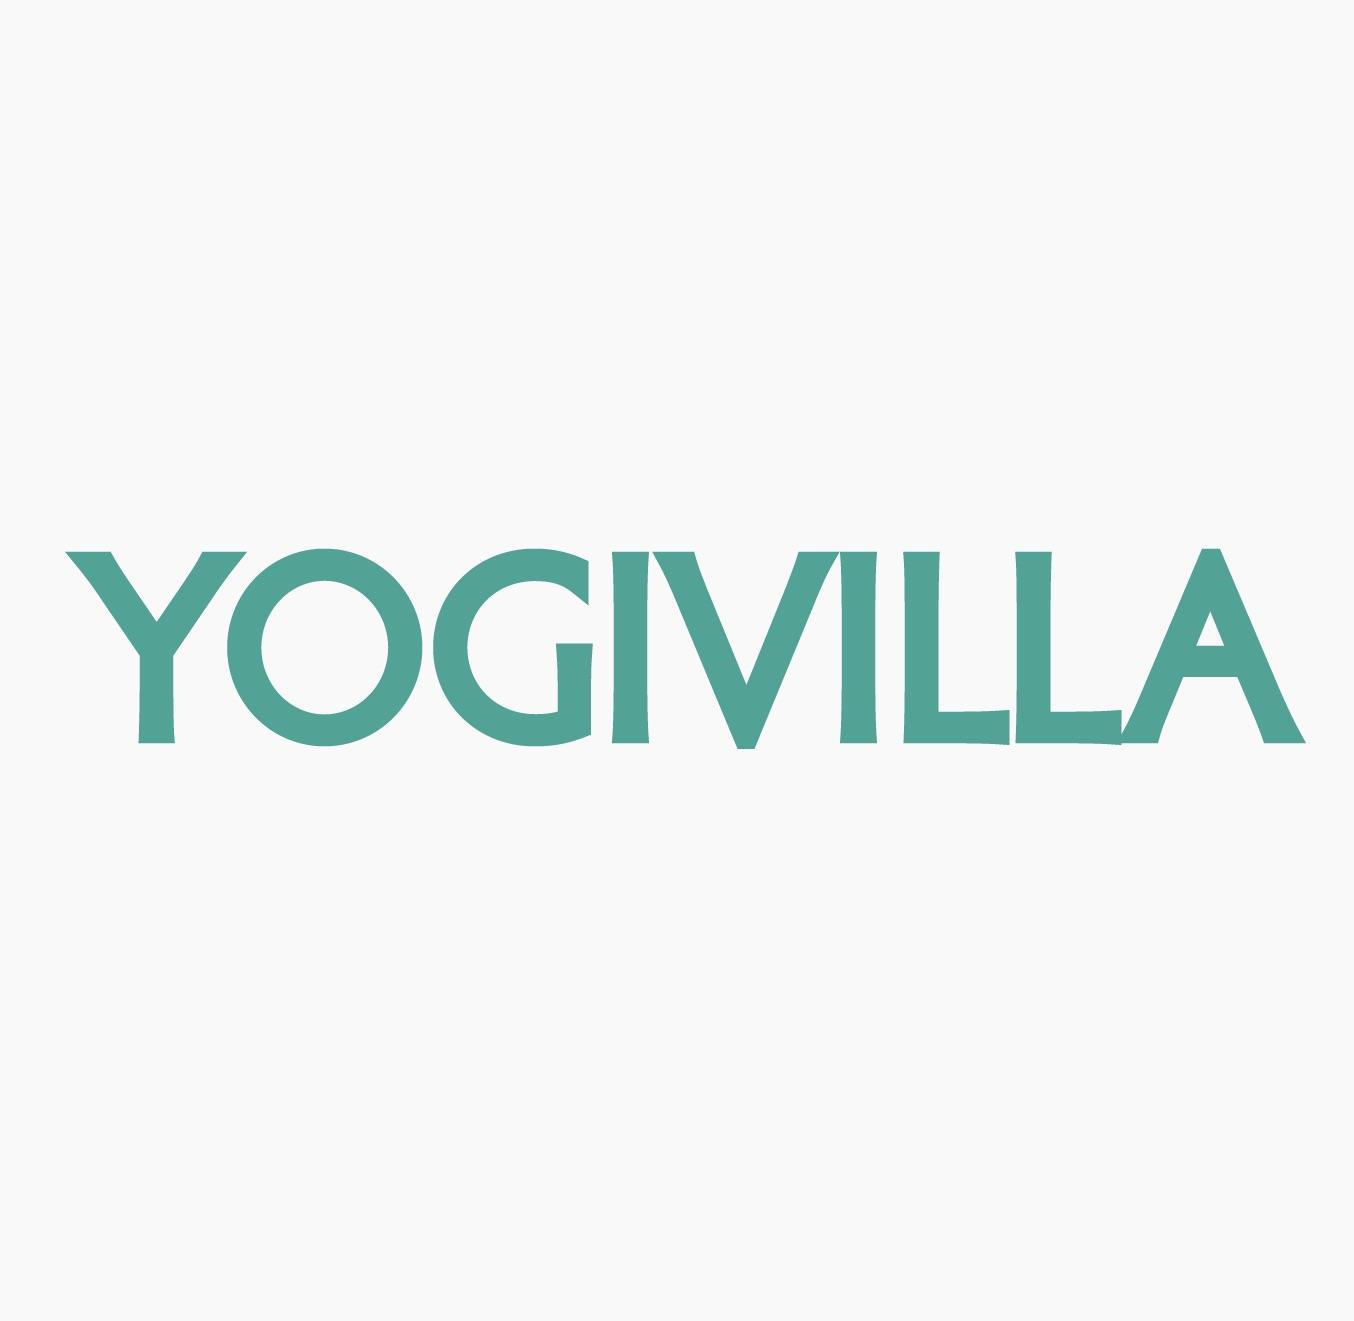 Copy of Yogivilla